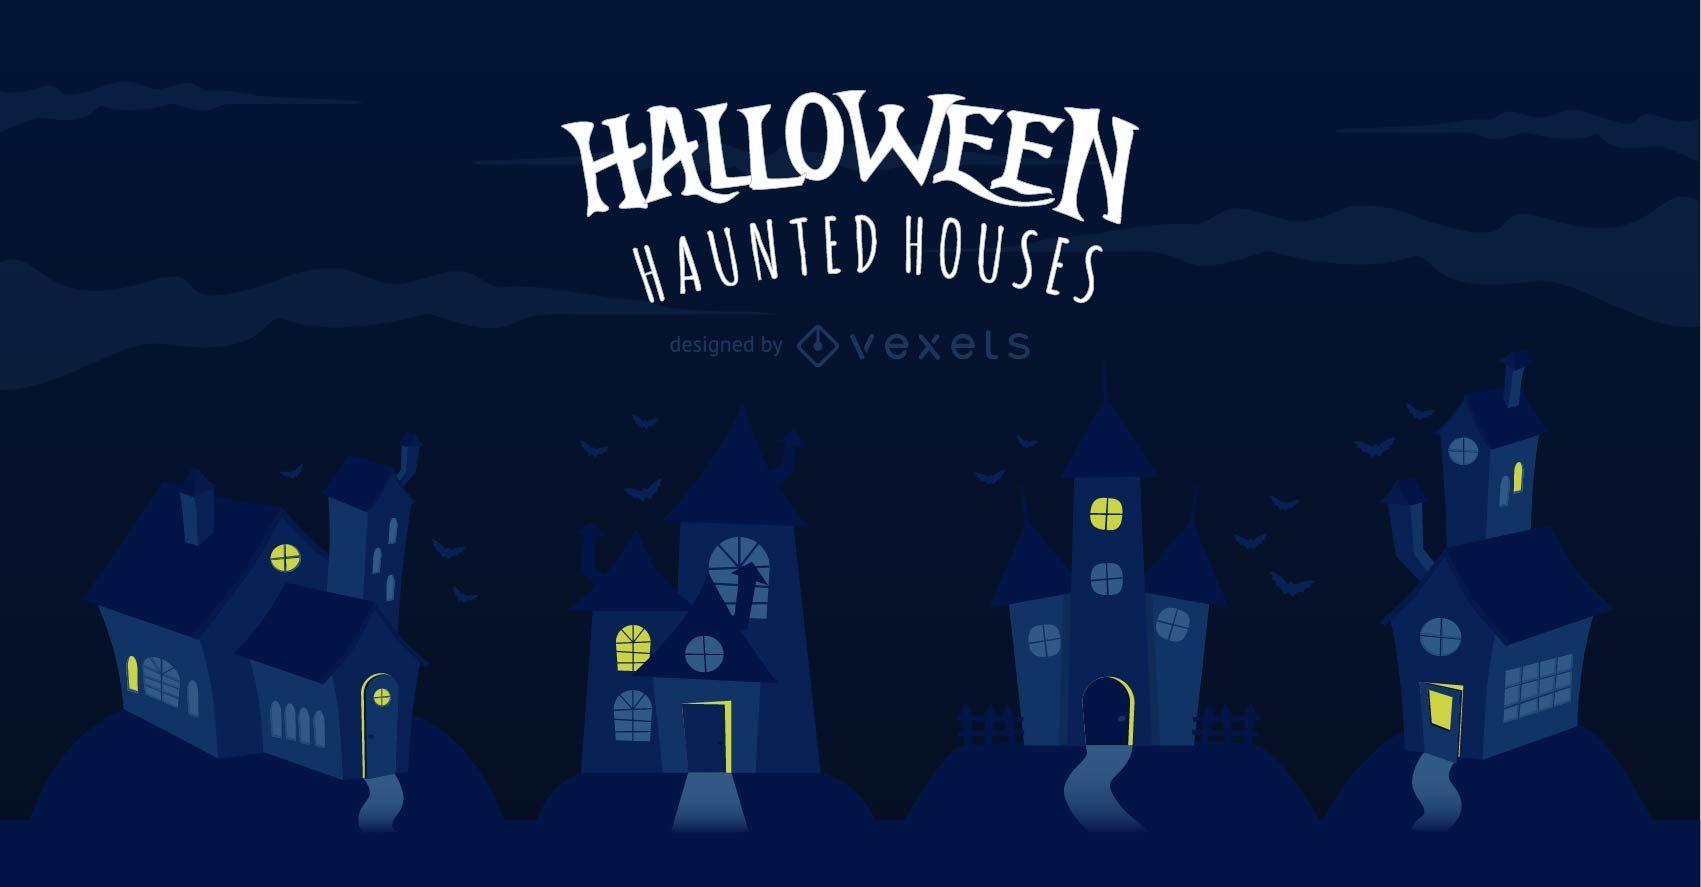 Escalofriantes casas embrujadas de Halloween